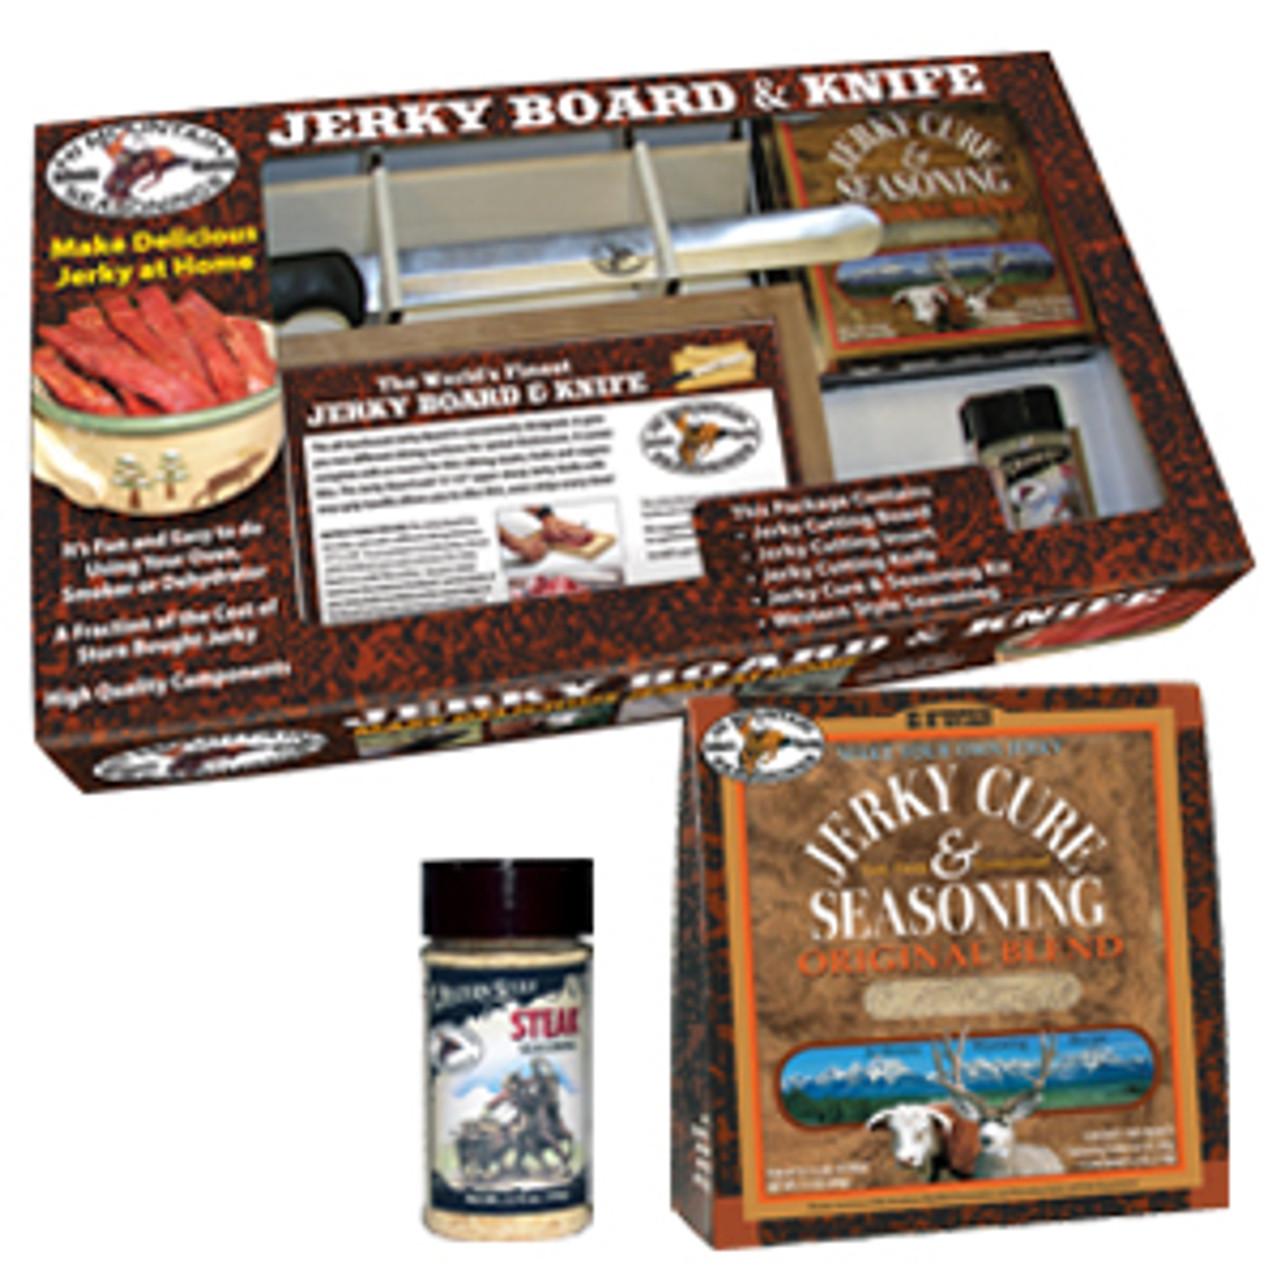 Original Jerky Board & Knife